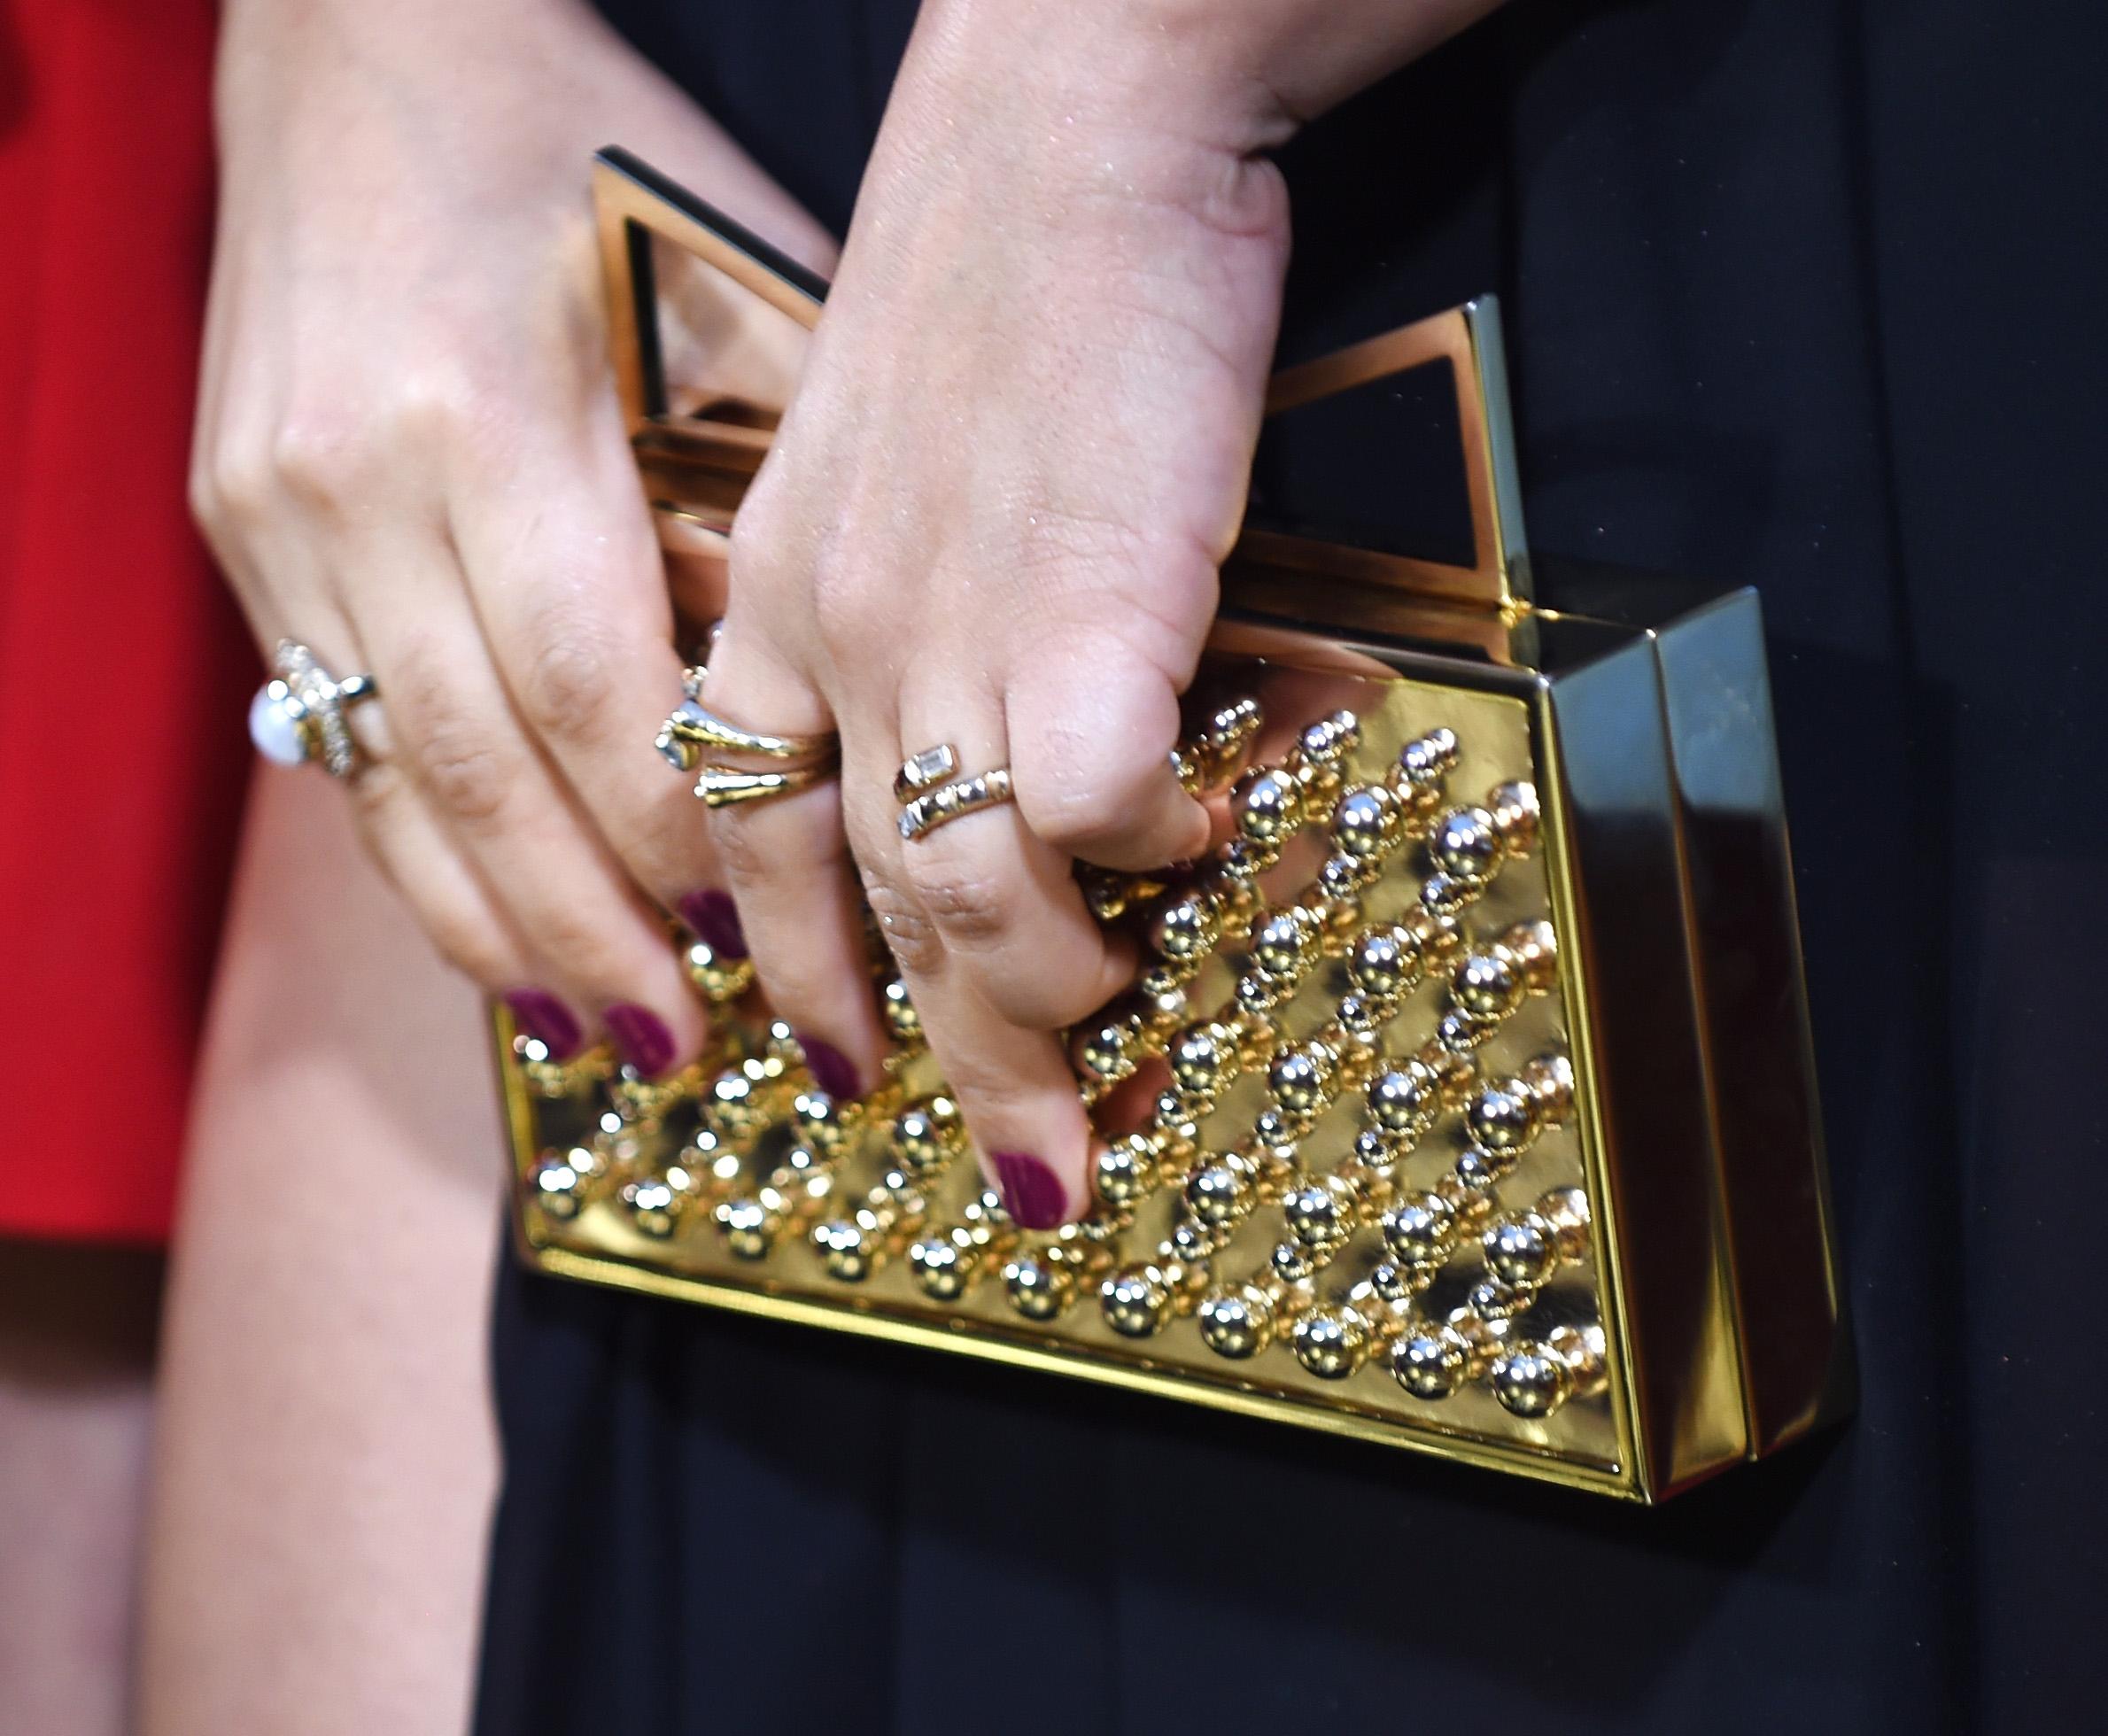 1cedbf0a5 Bolsos y carteras para cada ocasión día y noche | Estilo de Vida Moda |  Univision